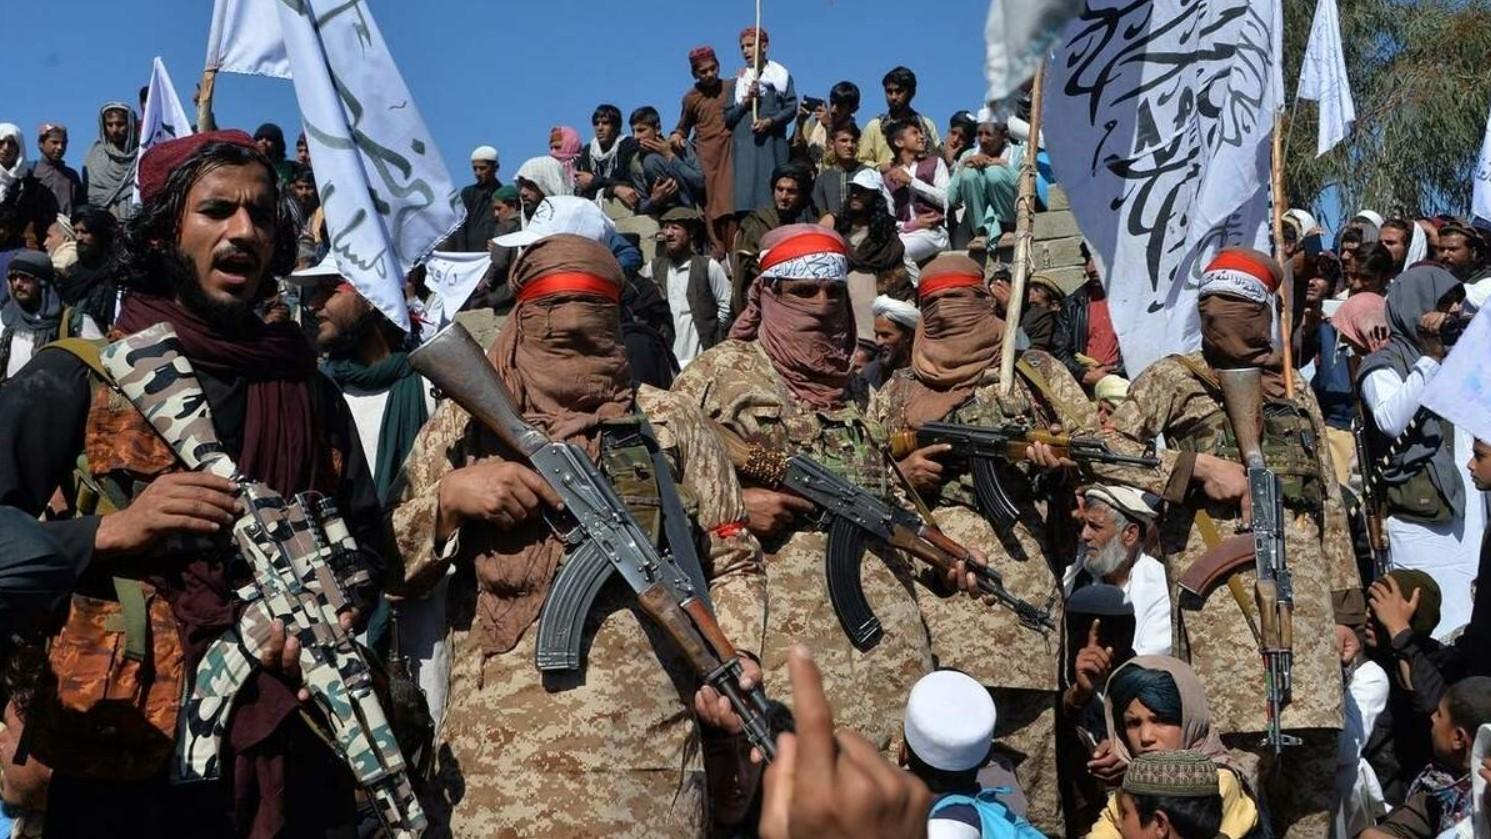 В G20 согласились привлечь талибов к распределению помощи для Афганистана